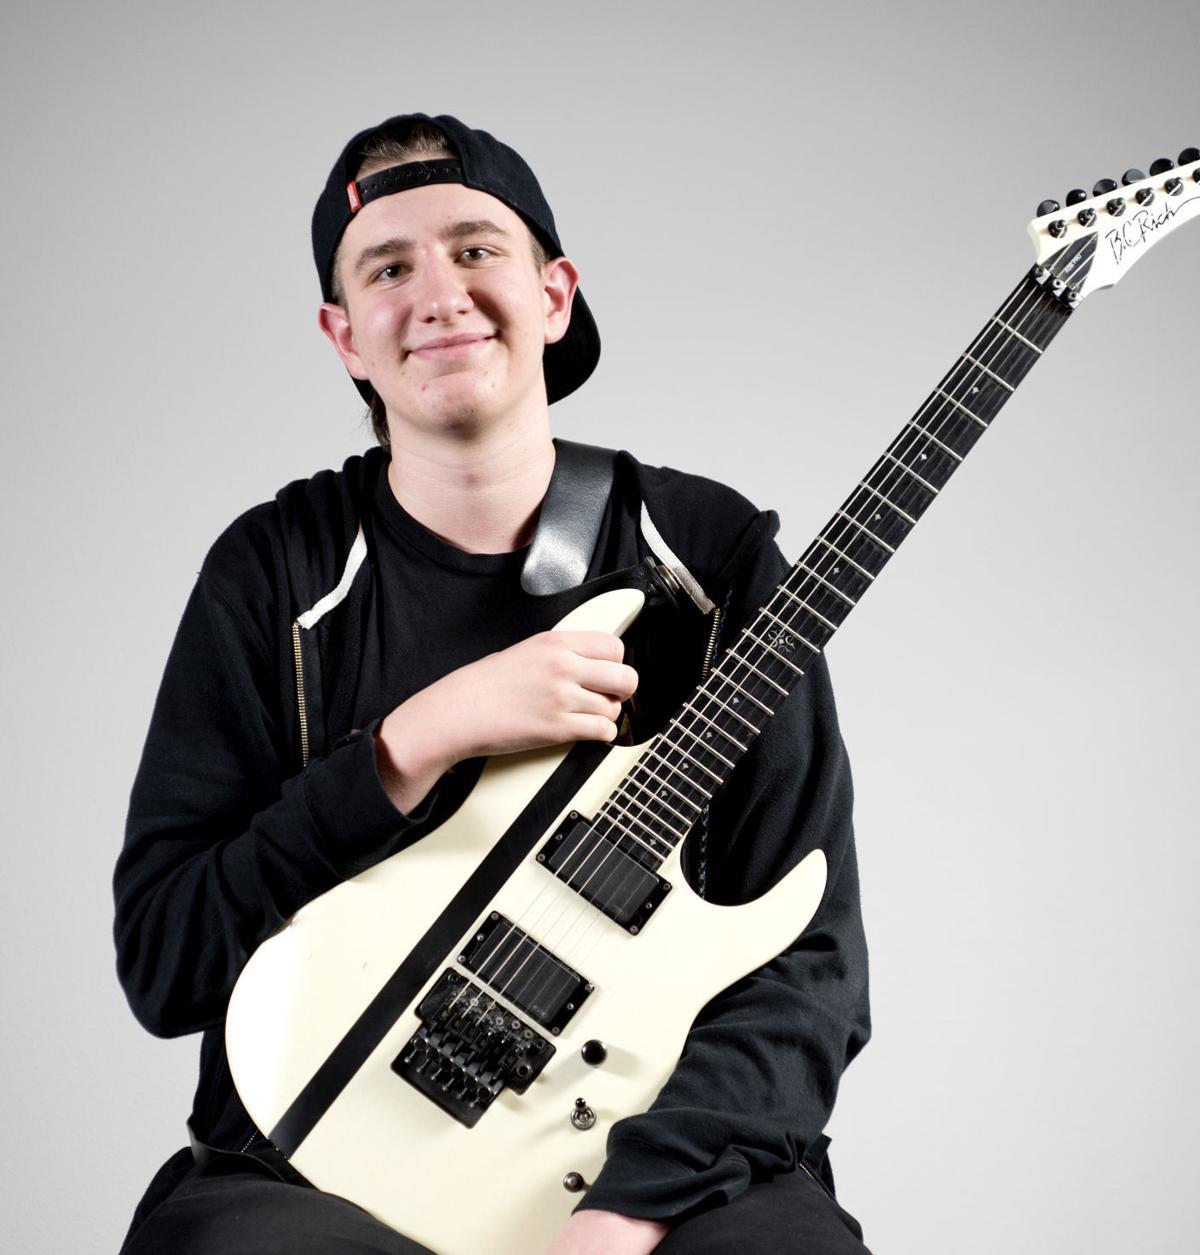 Musician Eli Dykstra